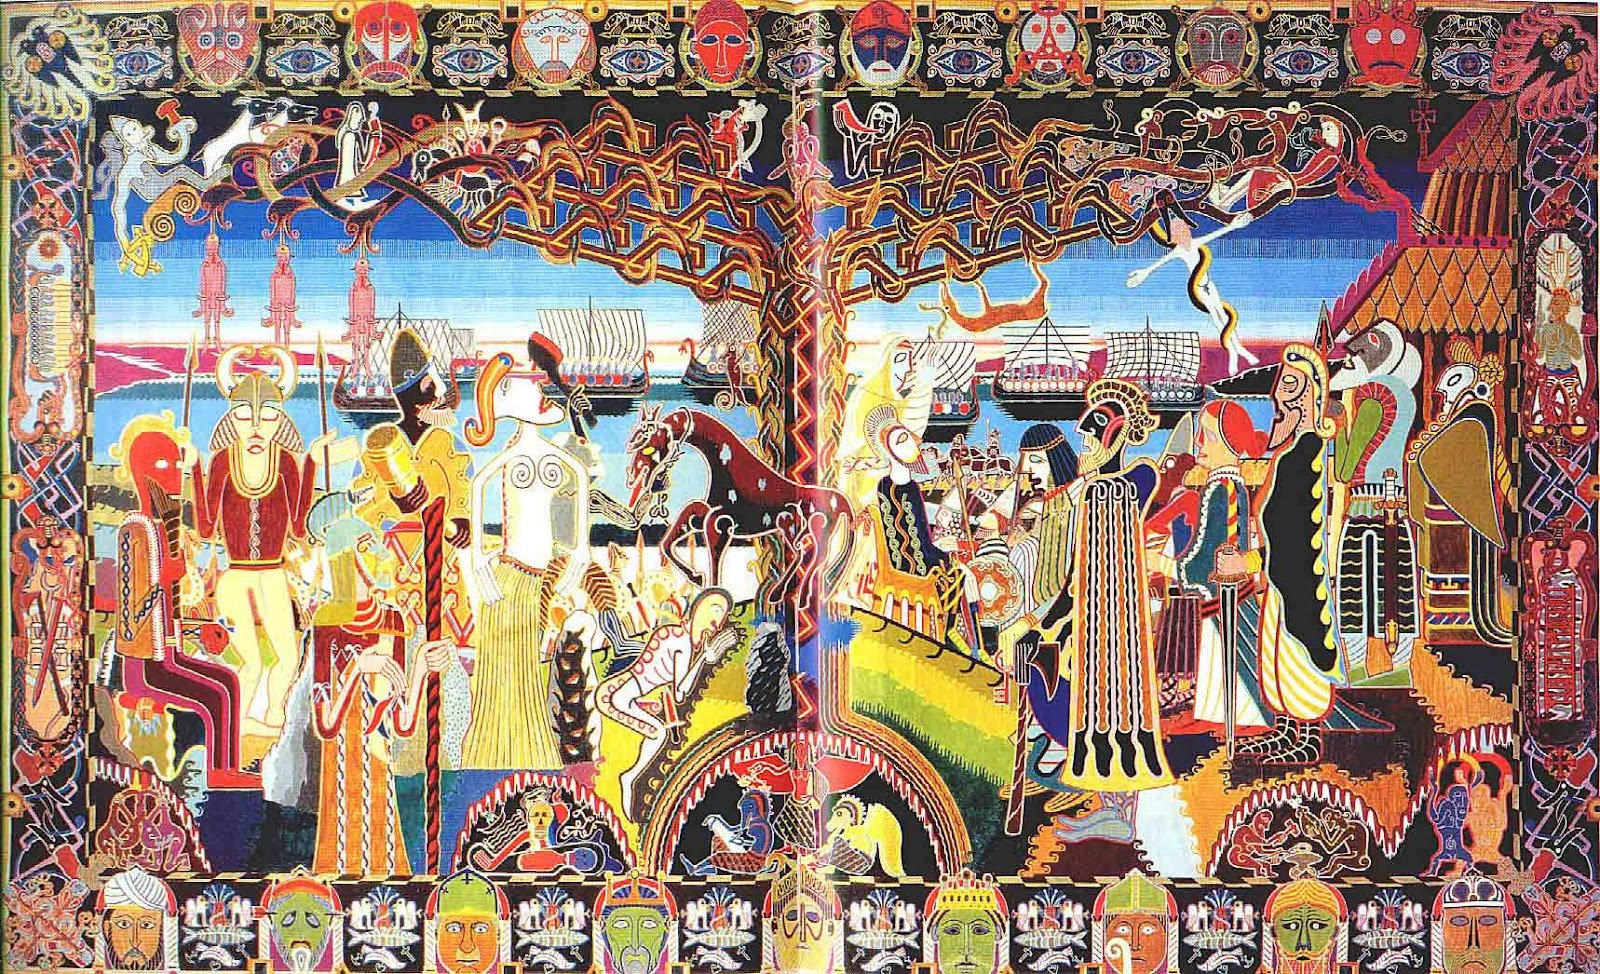 image bjoern-noergaard-vikingtiden